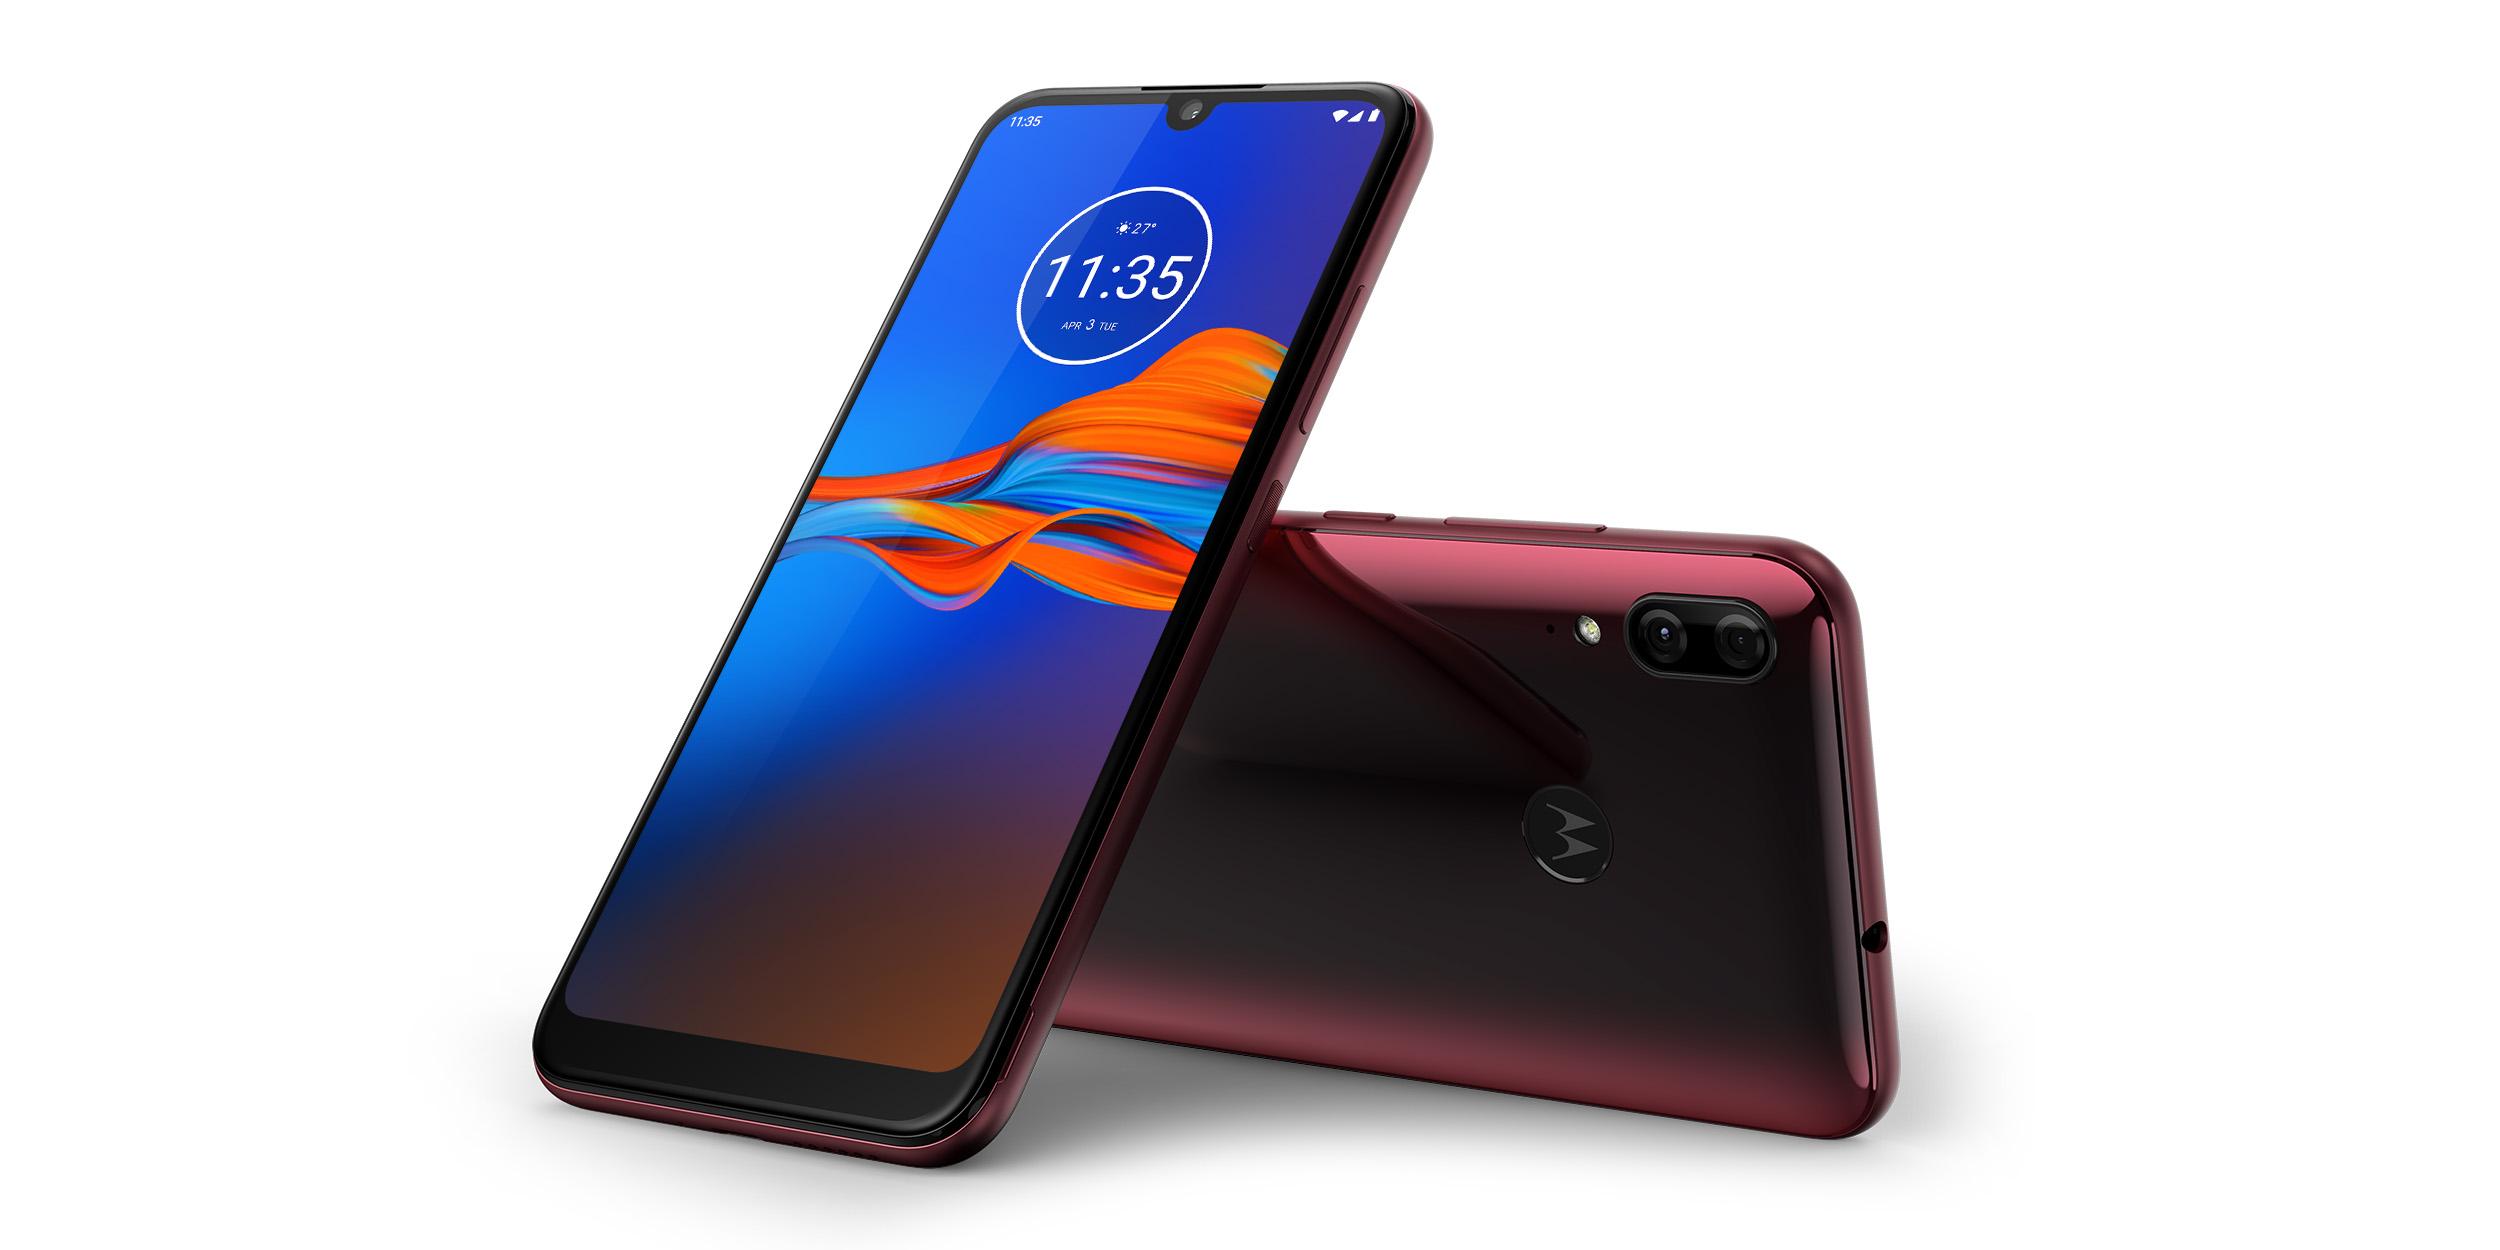 تشمل أحدث هواتف الميزانية من Motorola One Macro و Moto G8 Plus والمزيد 2